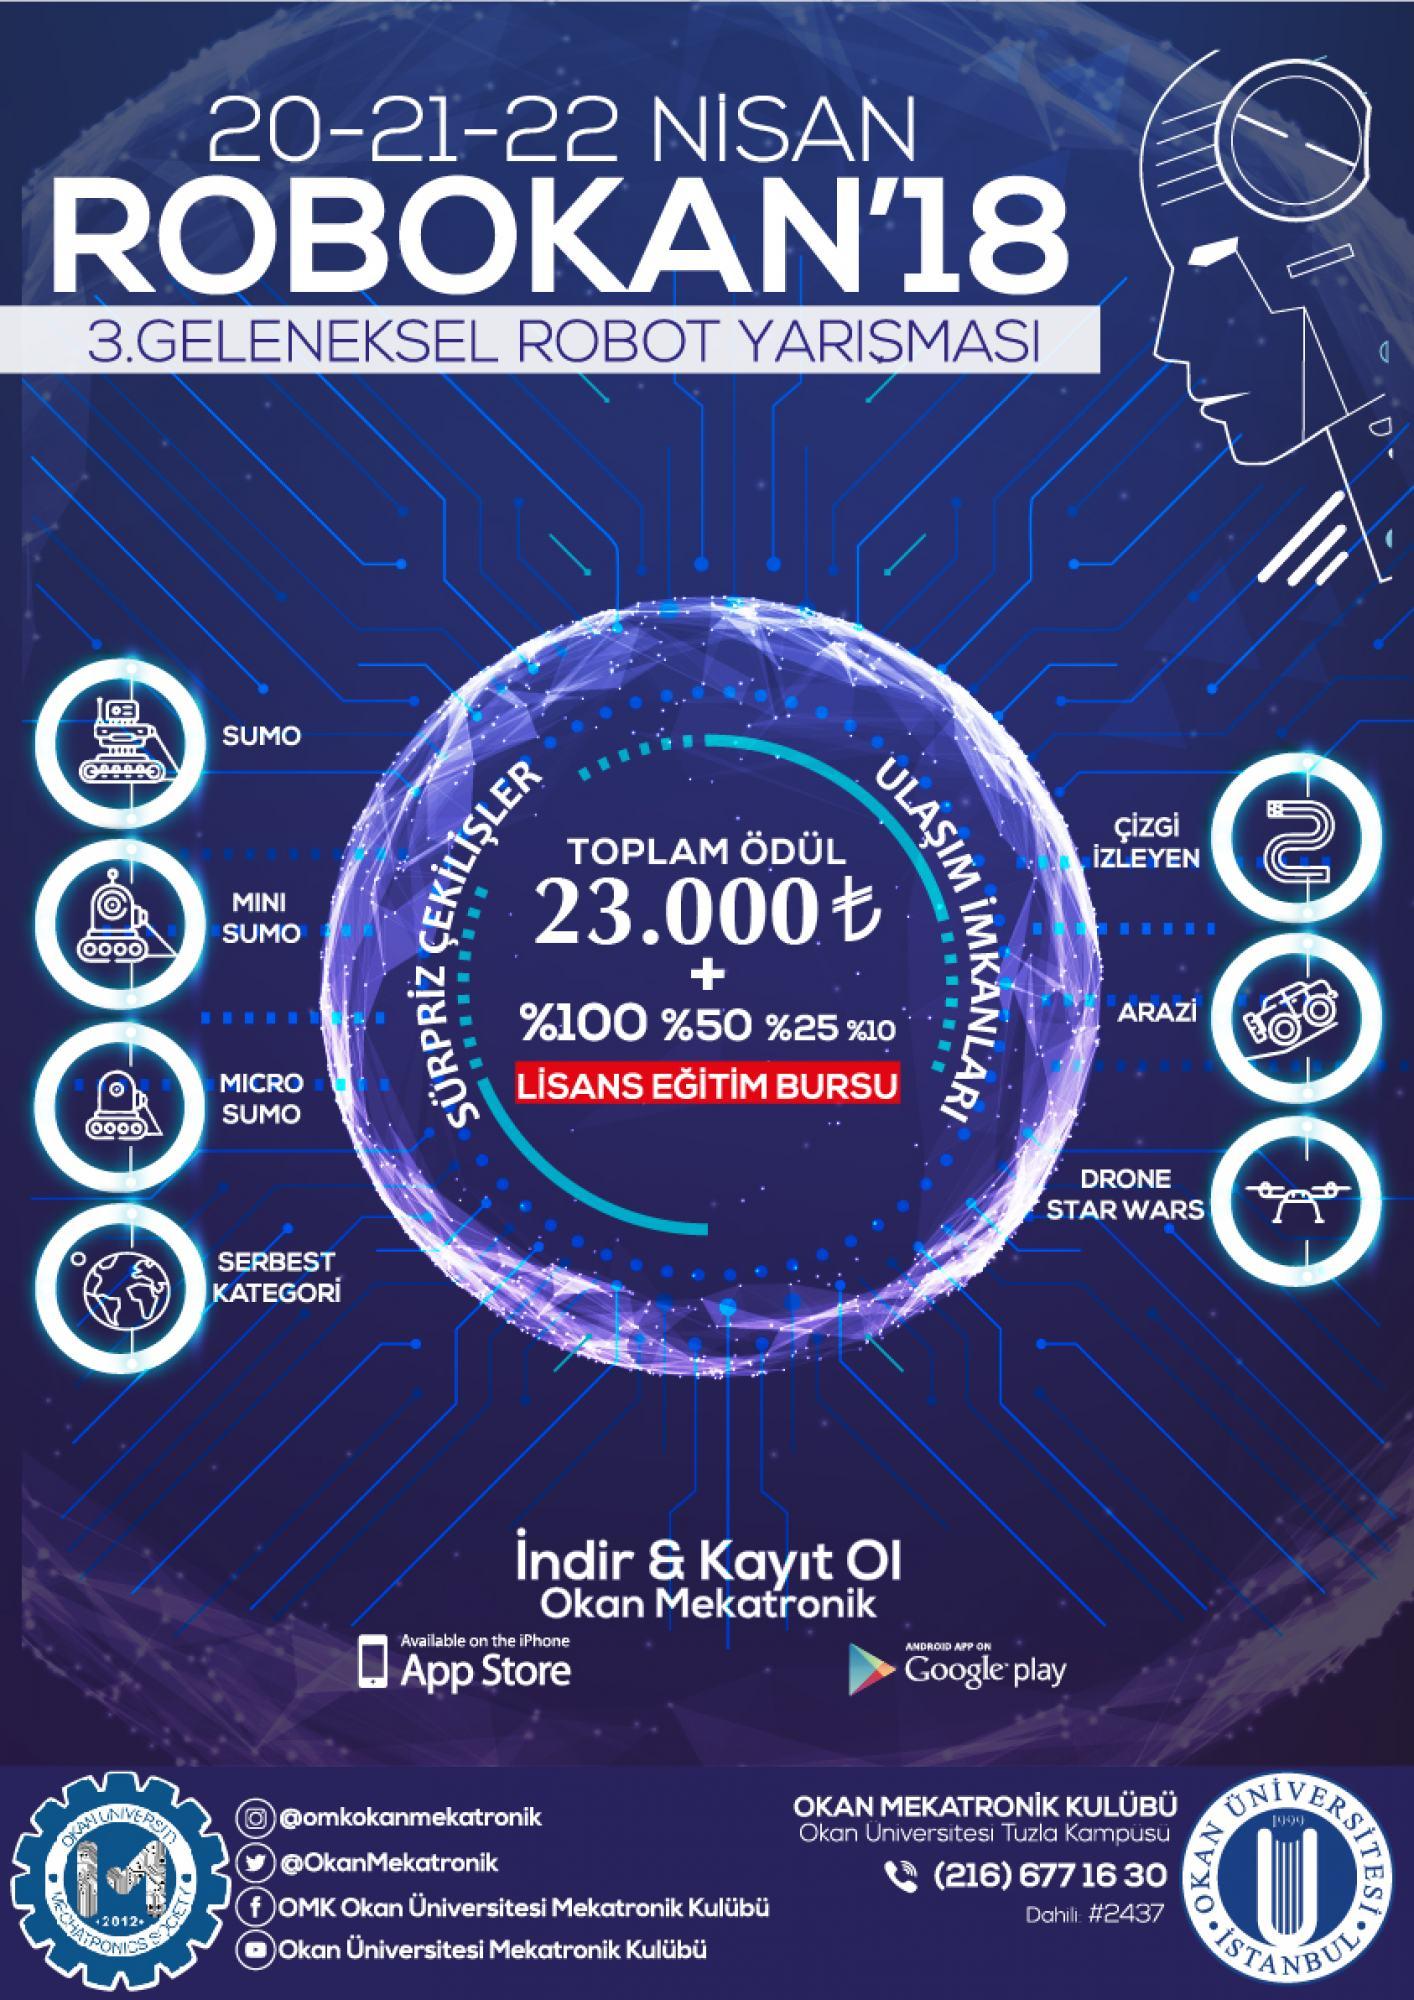 Robokan18 Robot Yarışması Istanbul Okan üniversitesi